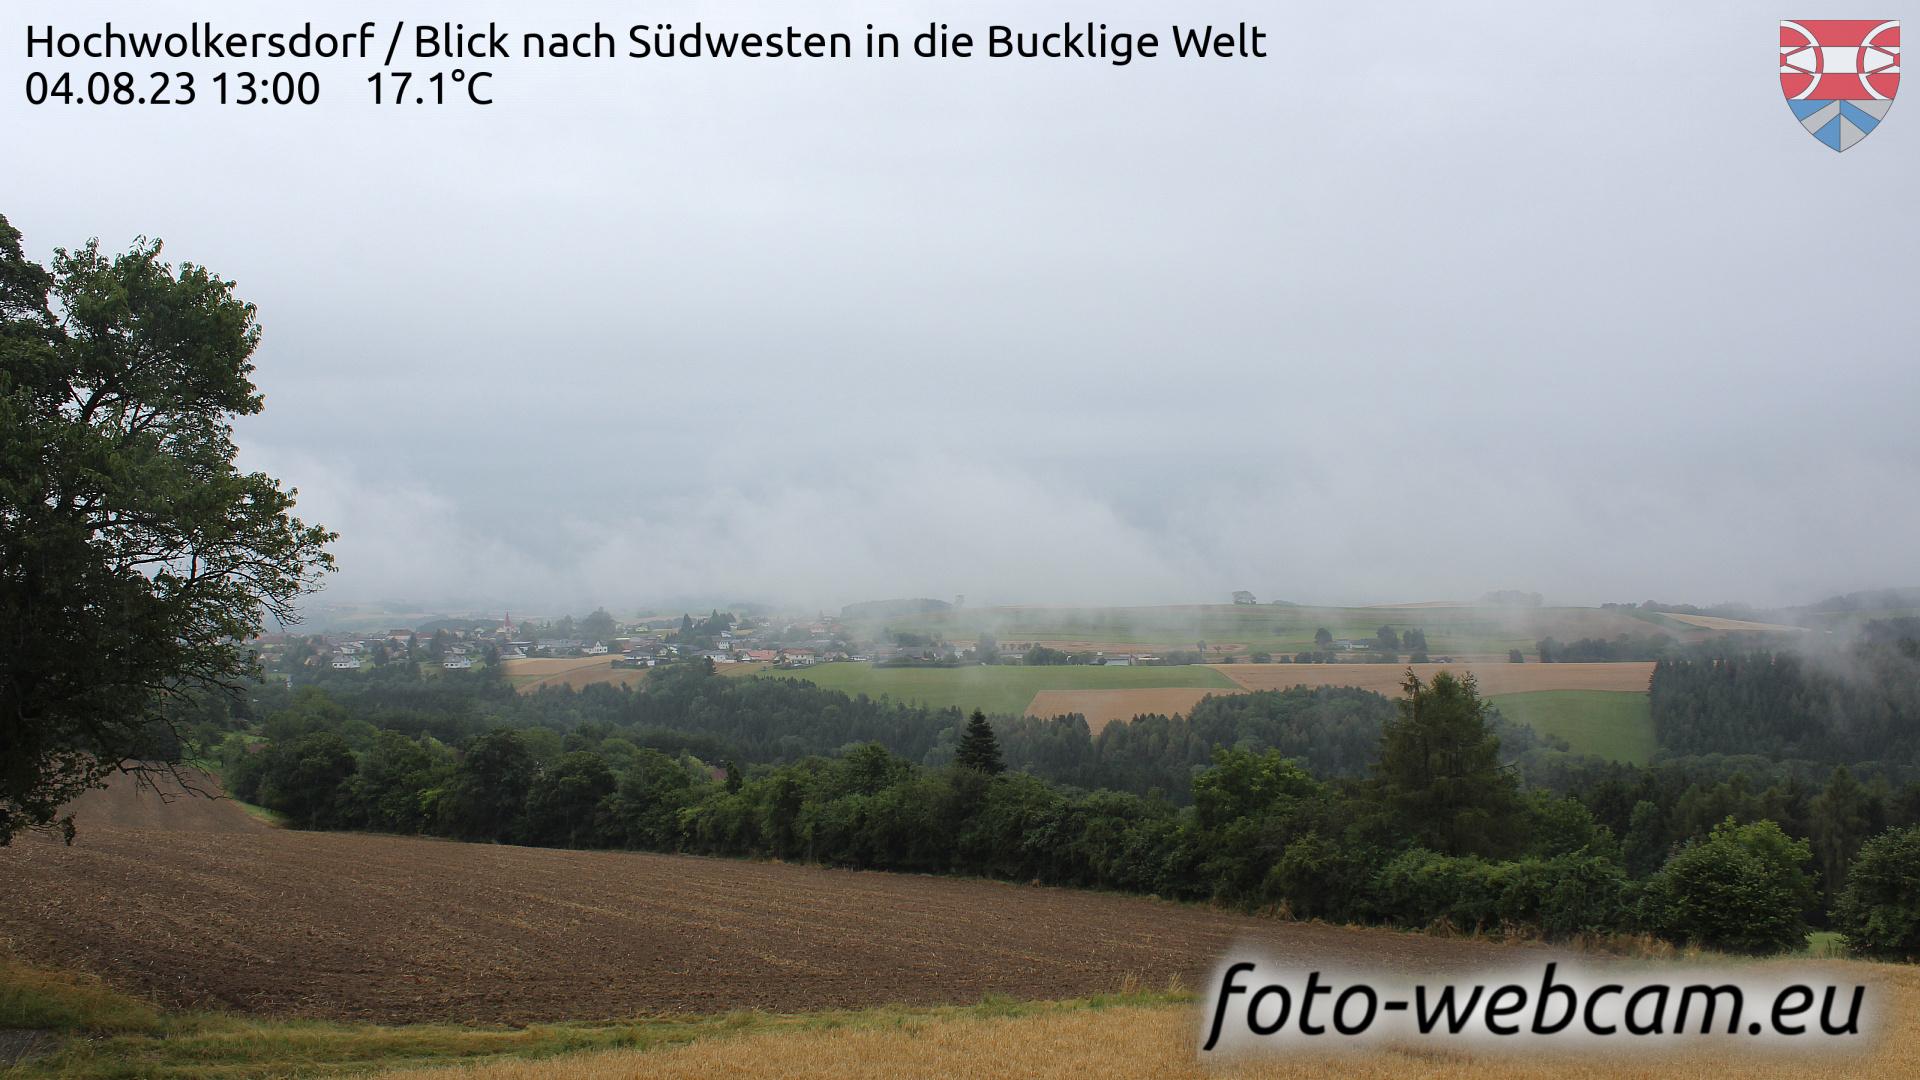 Hochwolkersdorf Tue. 13:09